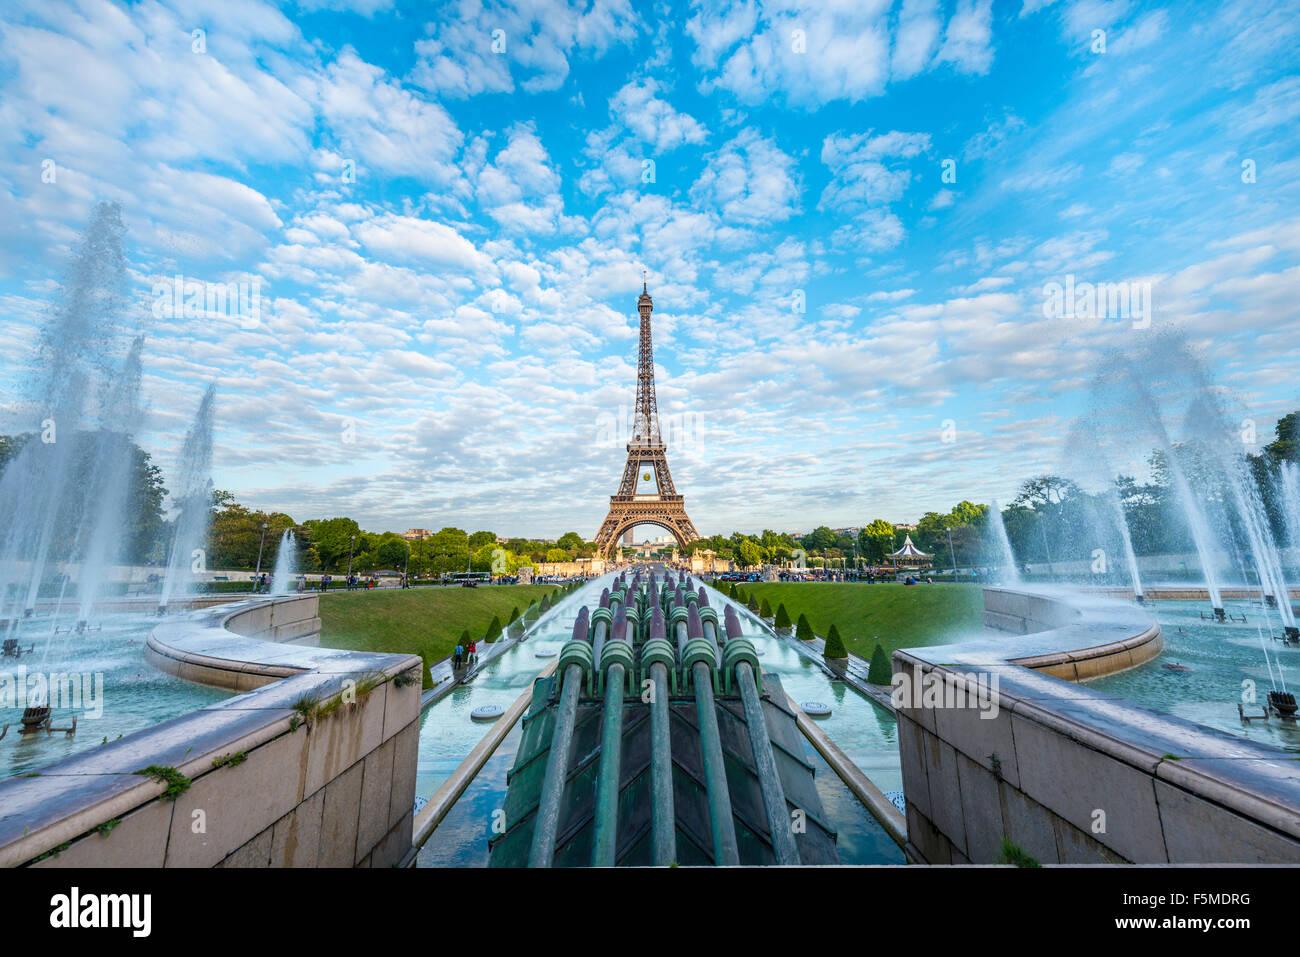 Eiffel Tower, tour Eiffel and Trocadero, Paris, Ile-de-France, France - Stock Image